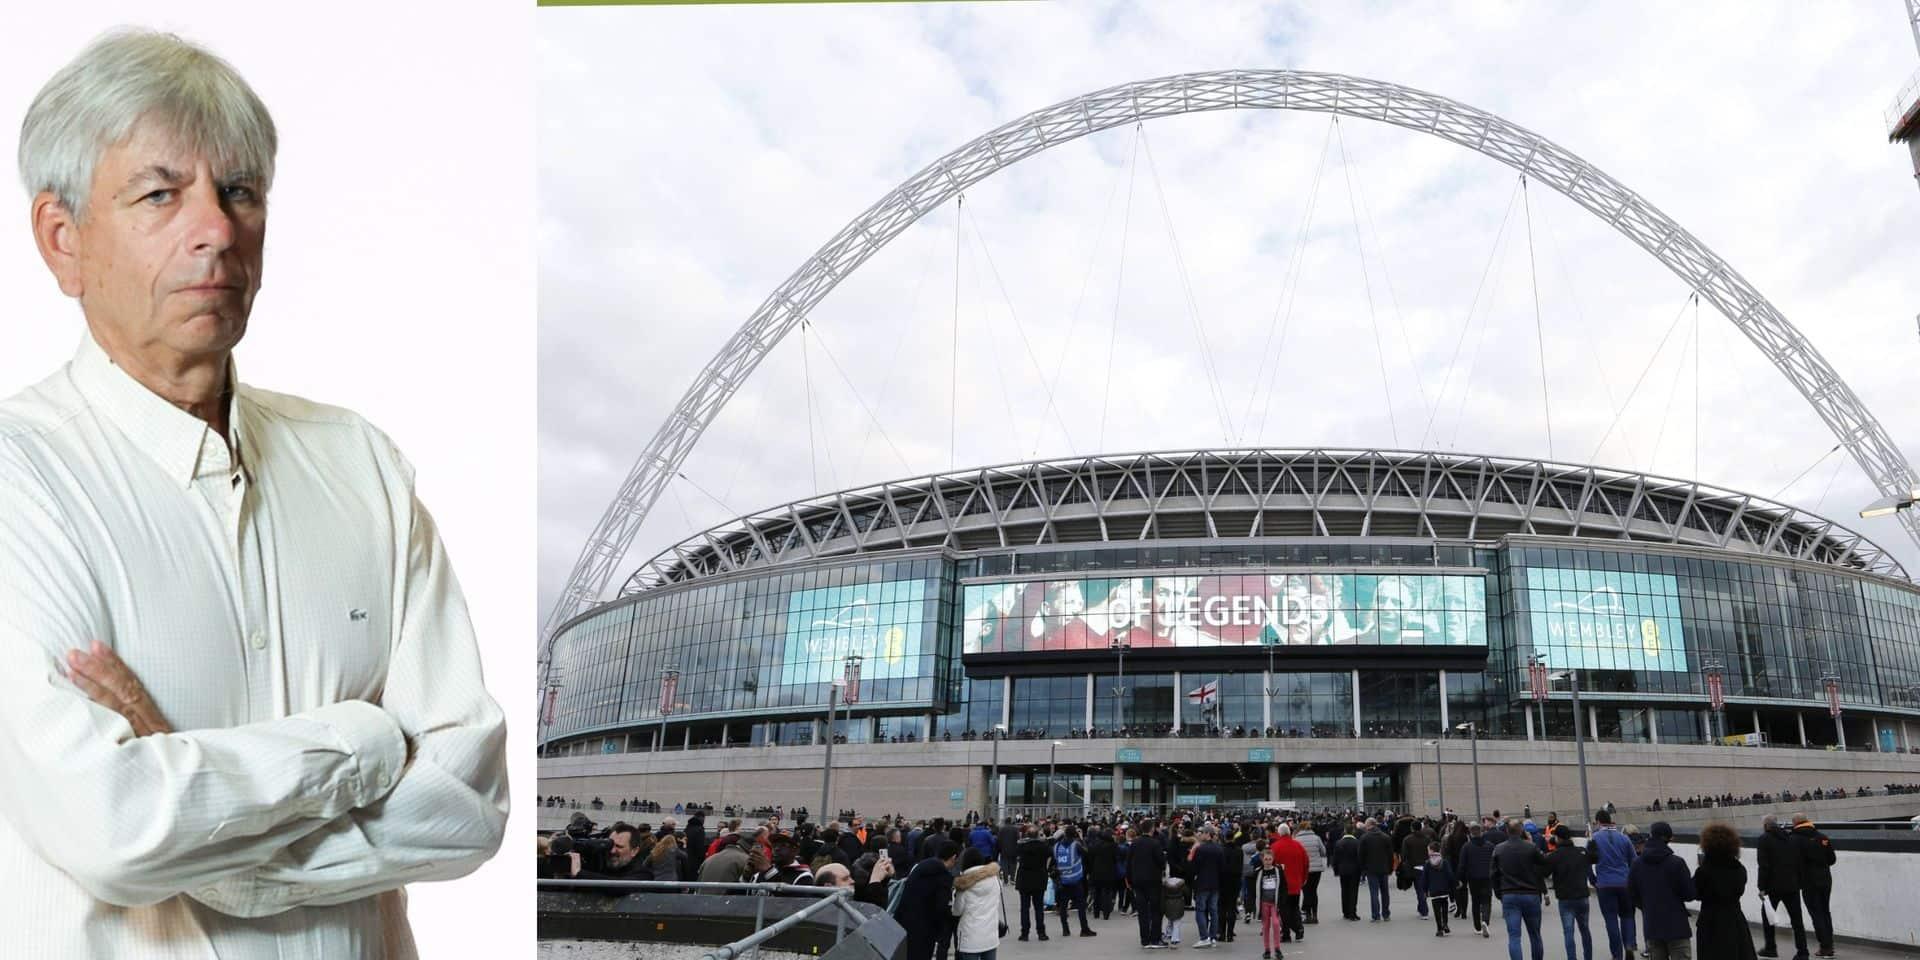 En Angleterre, le dimanche n'est plus férié dans les stades !